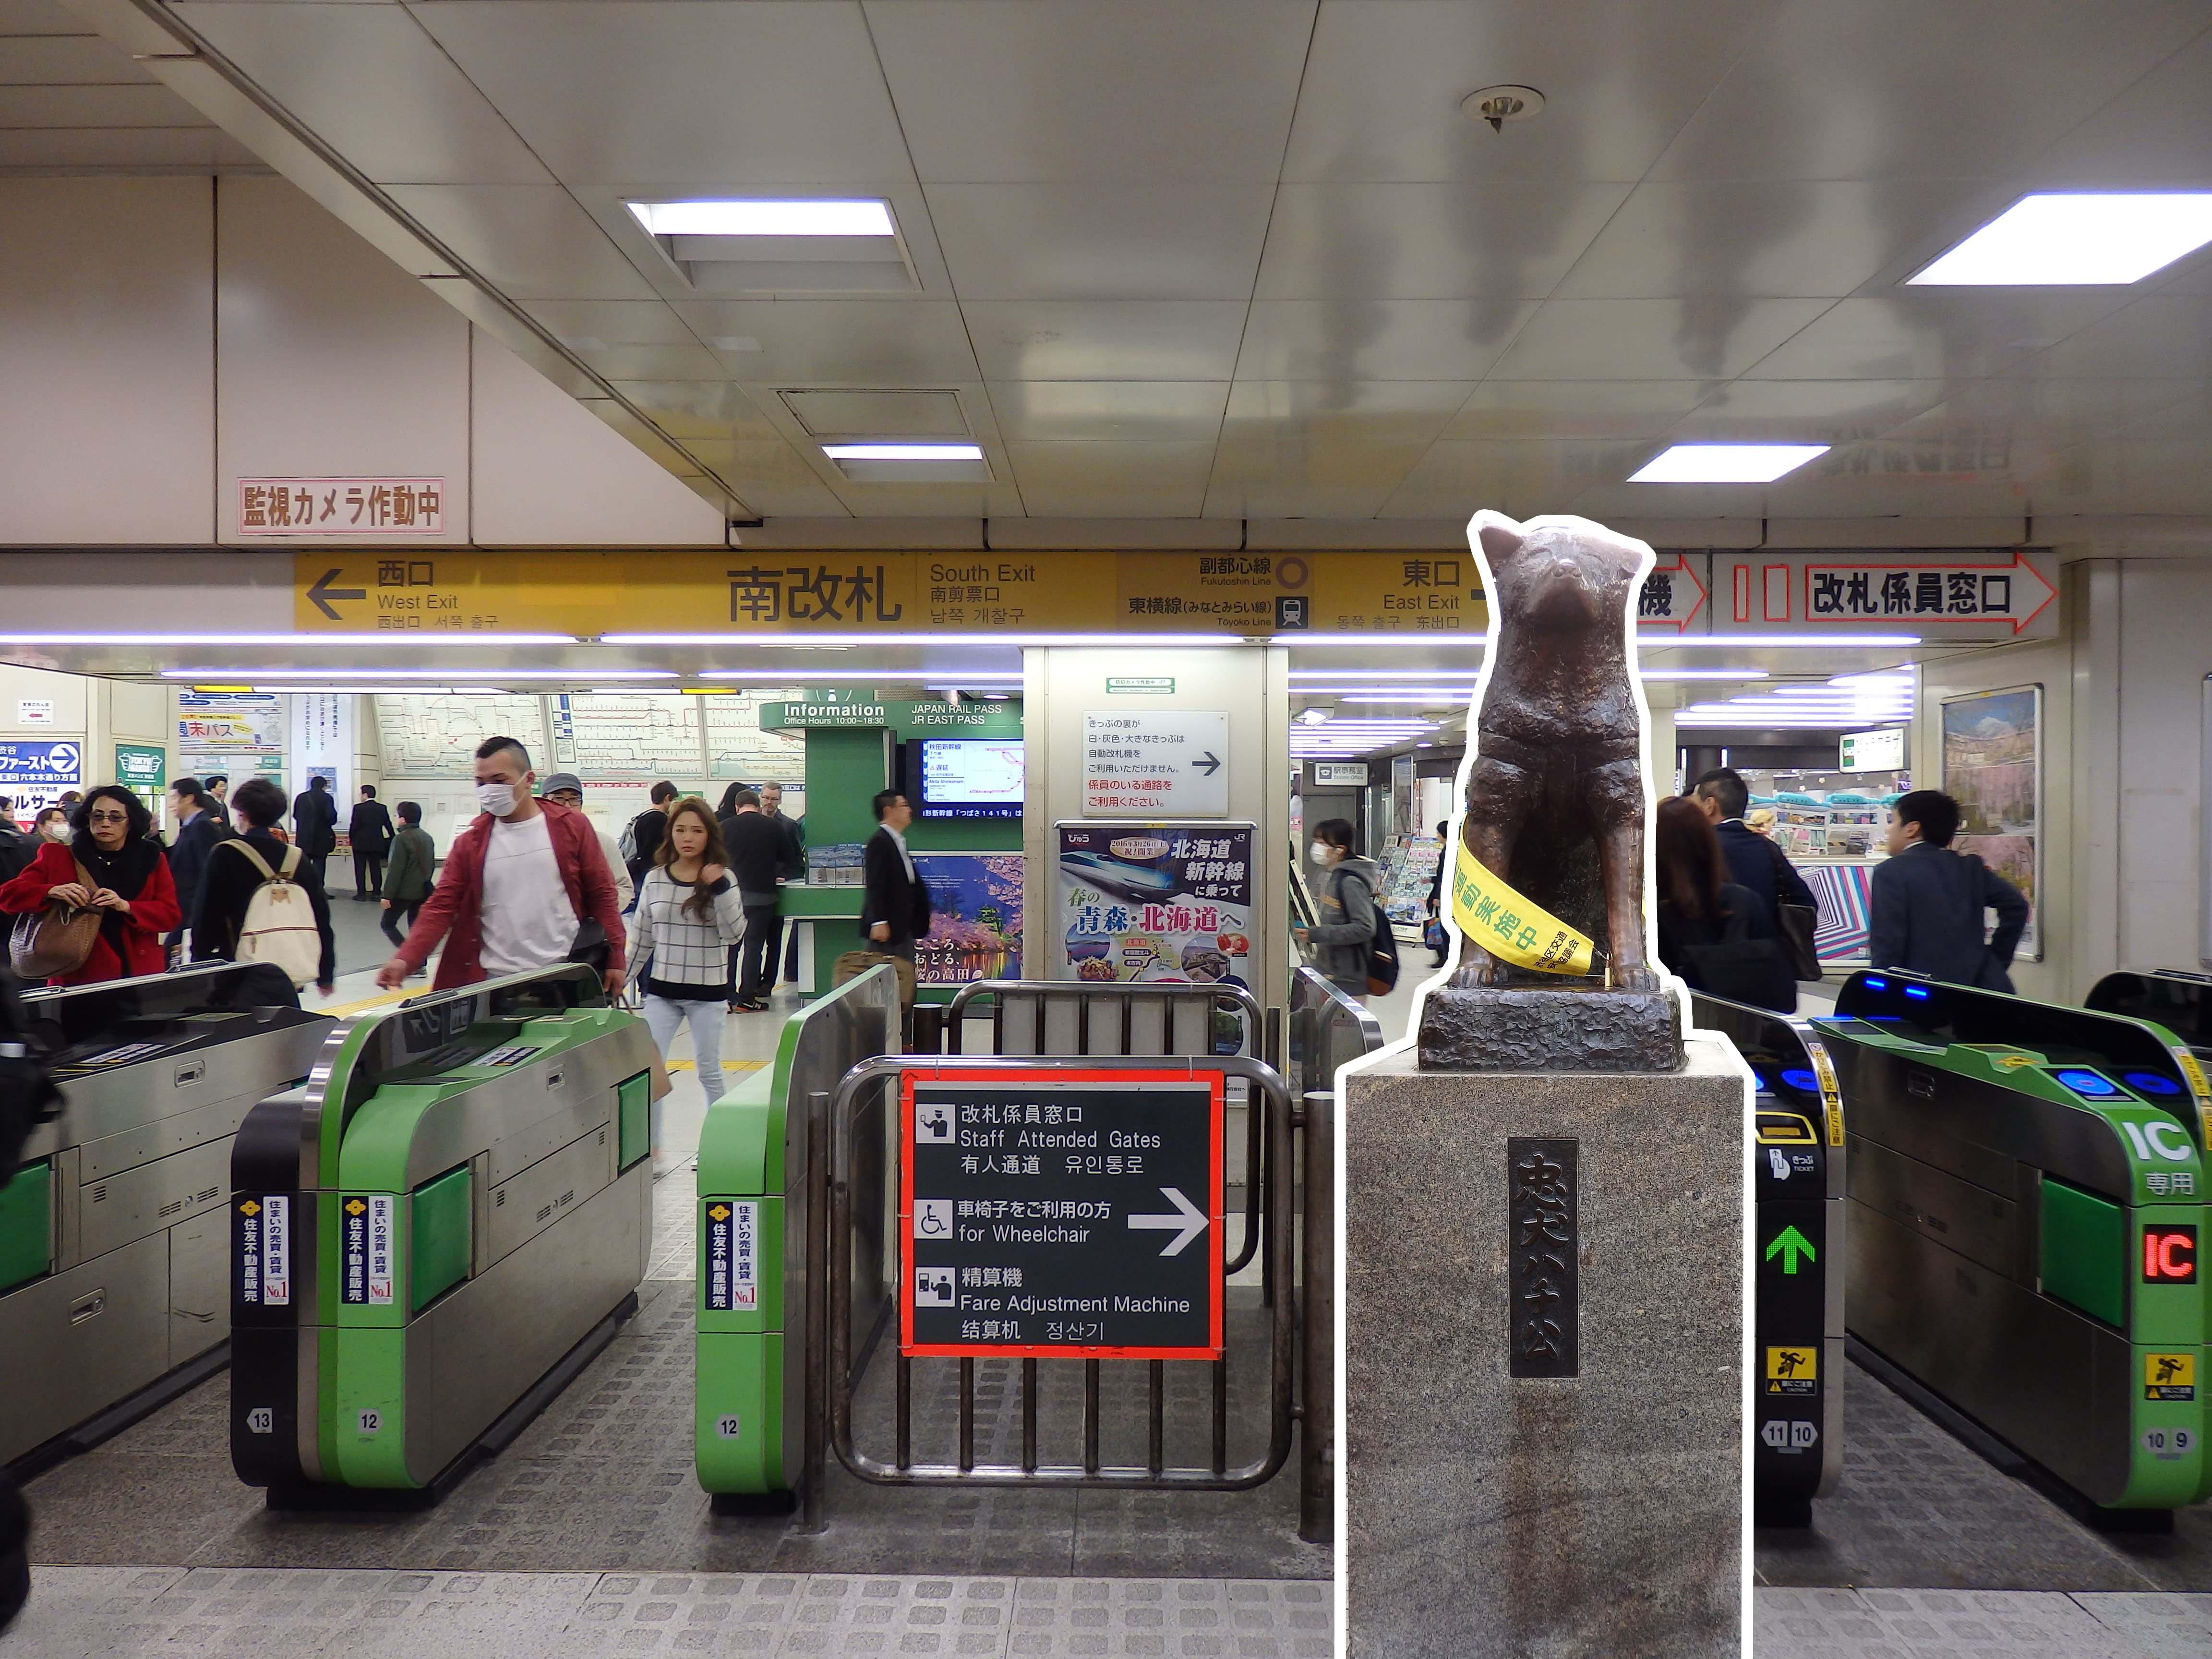 สถานีรถไฟชิบุย่า